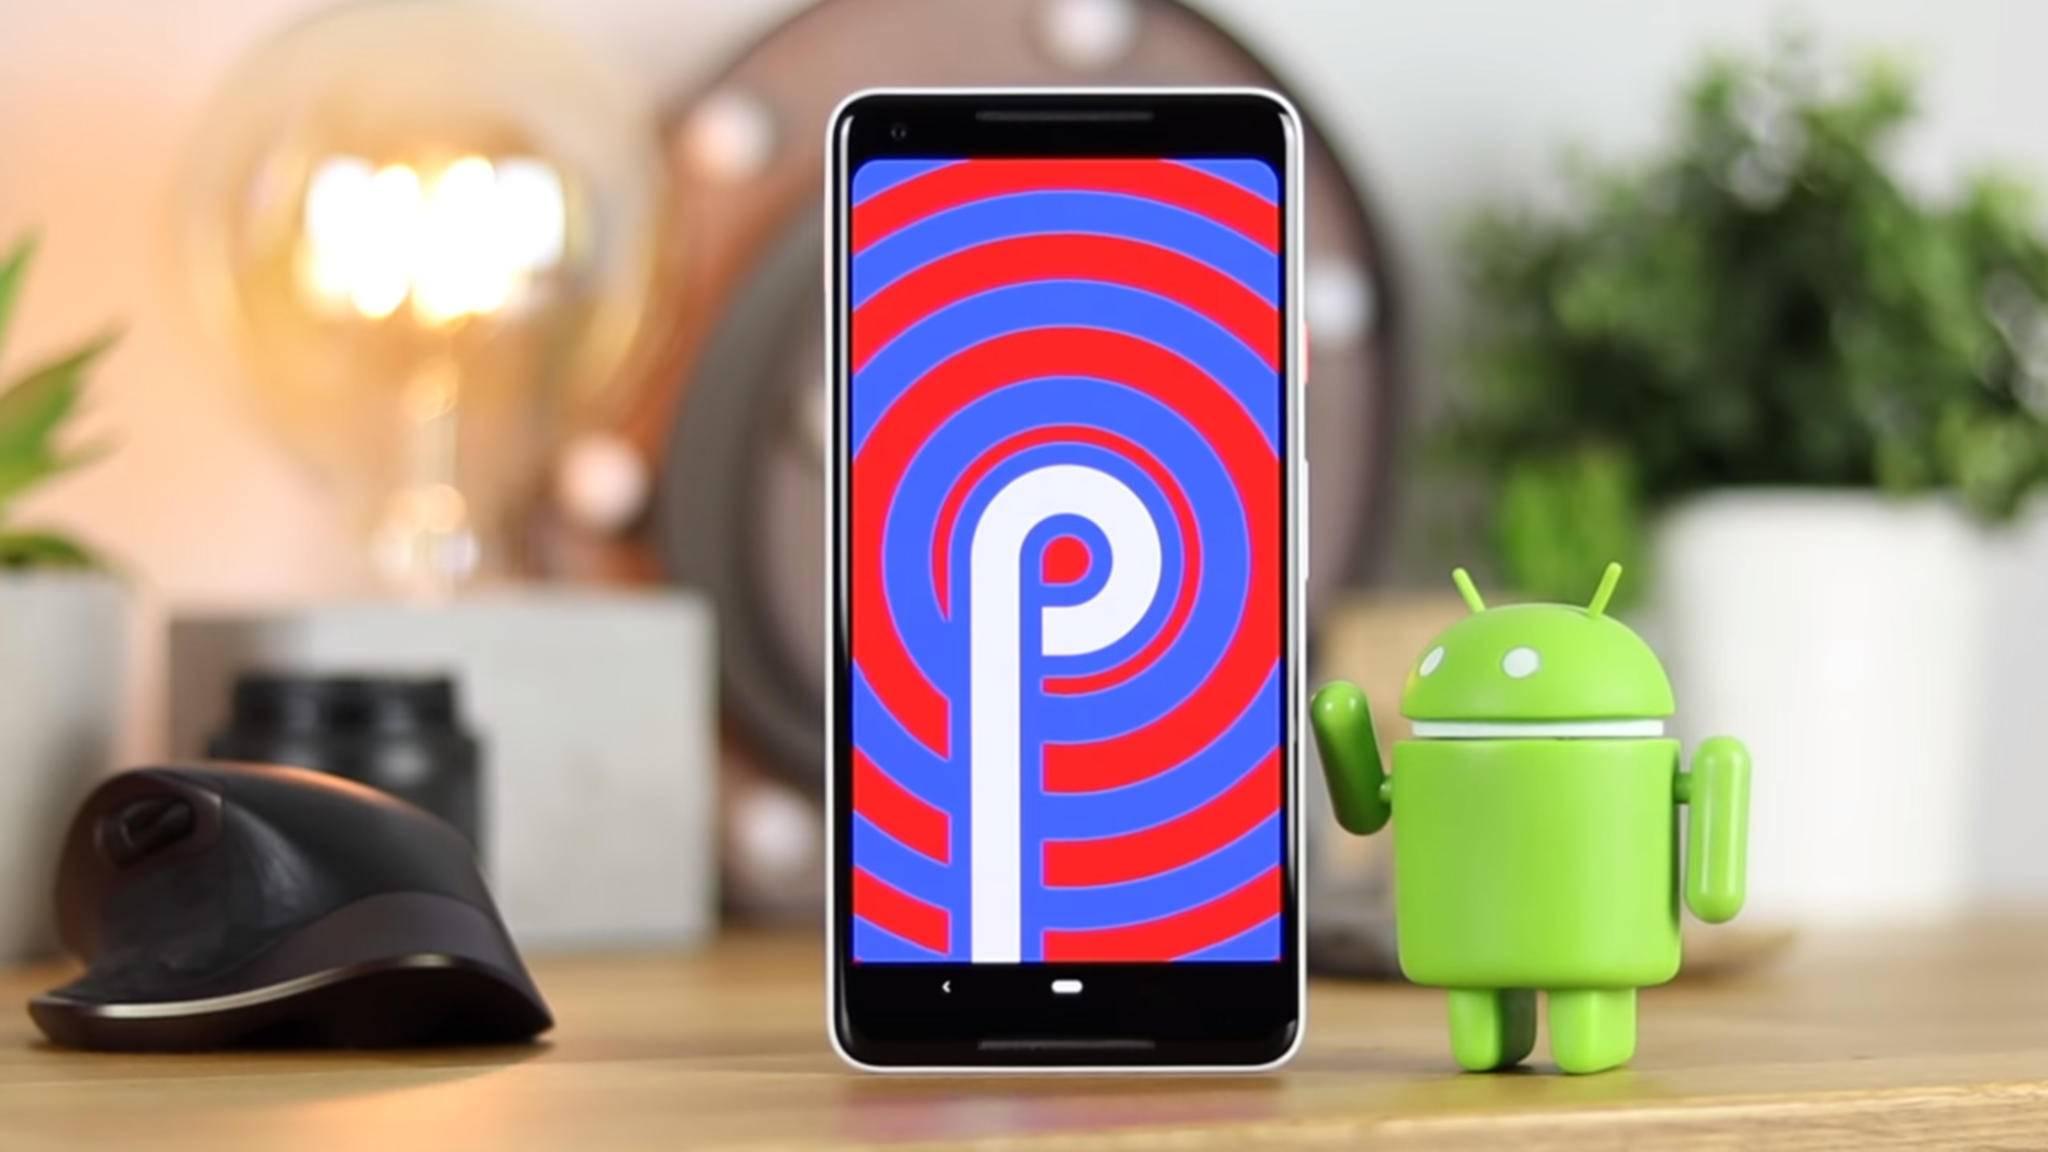 Manche Android-Geräte von Samsung erhalten Android Pie erst im Oktober 2019.